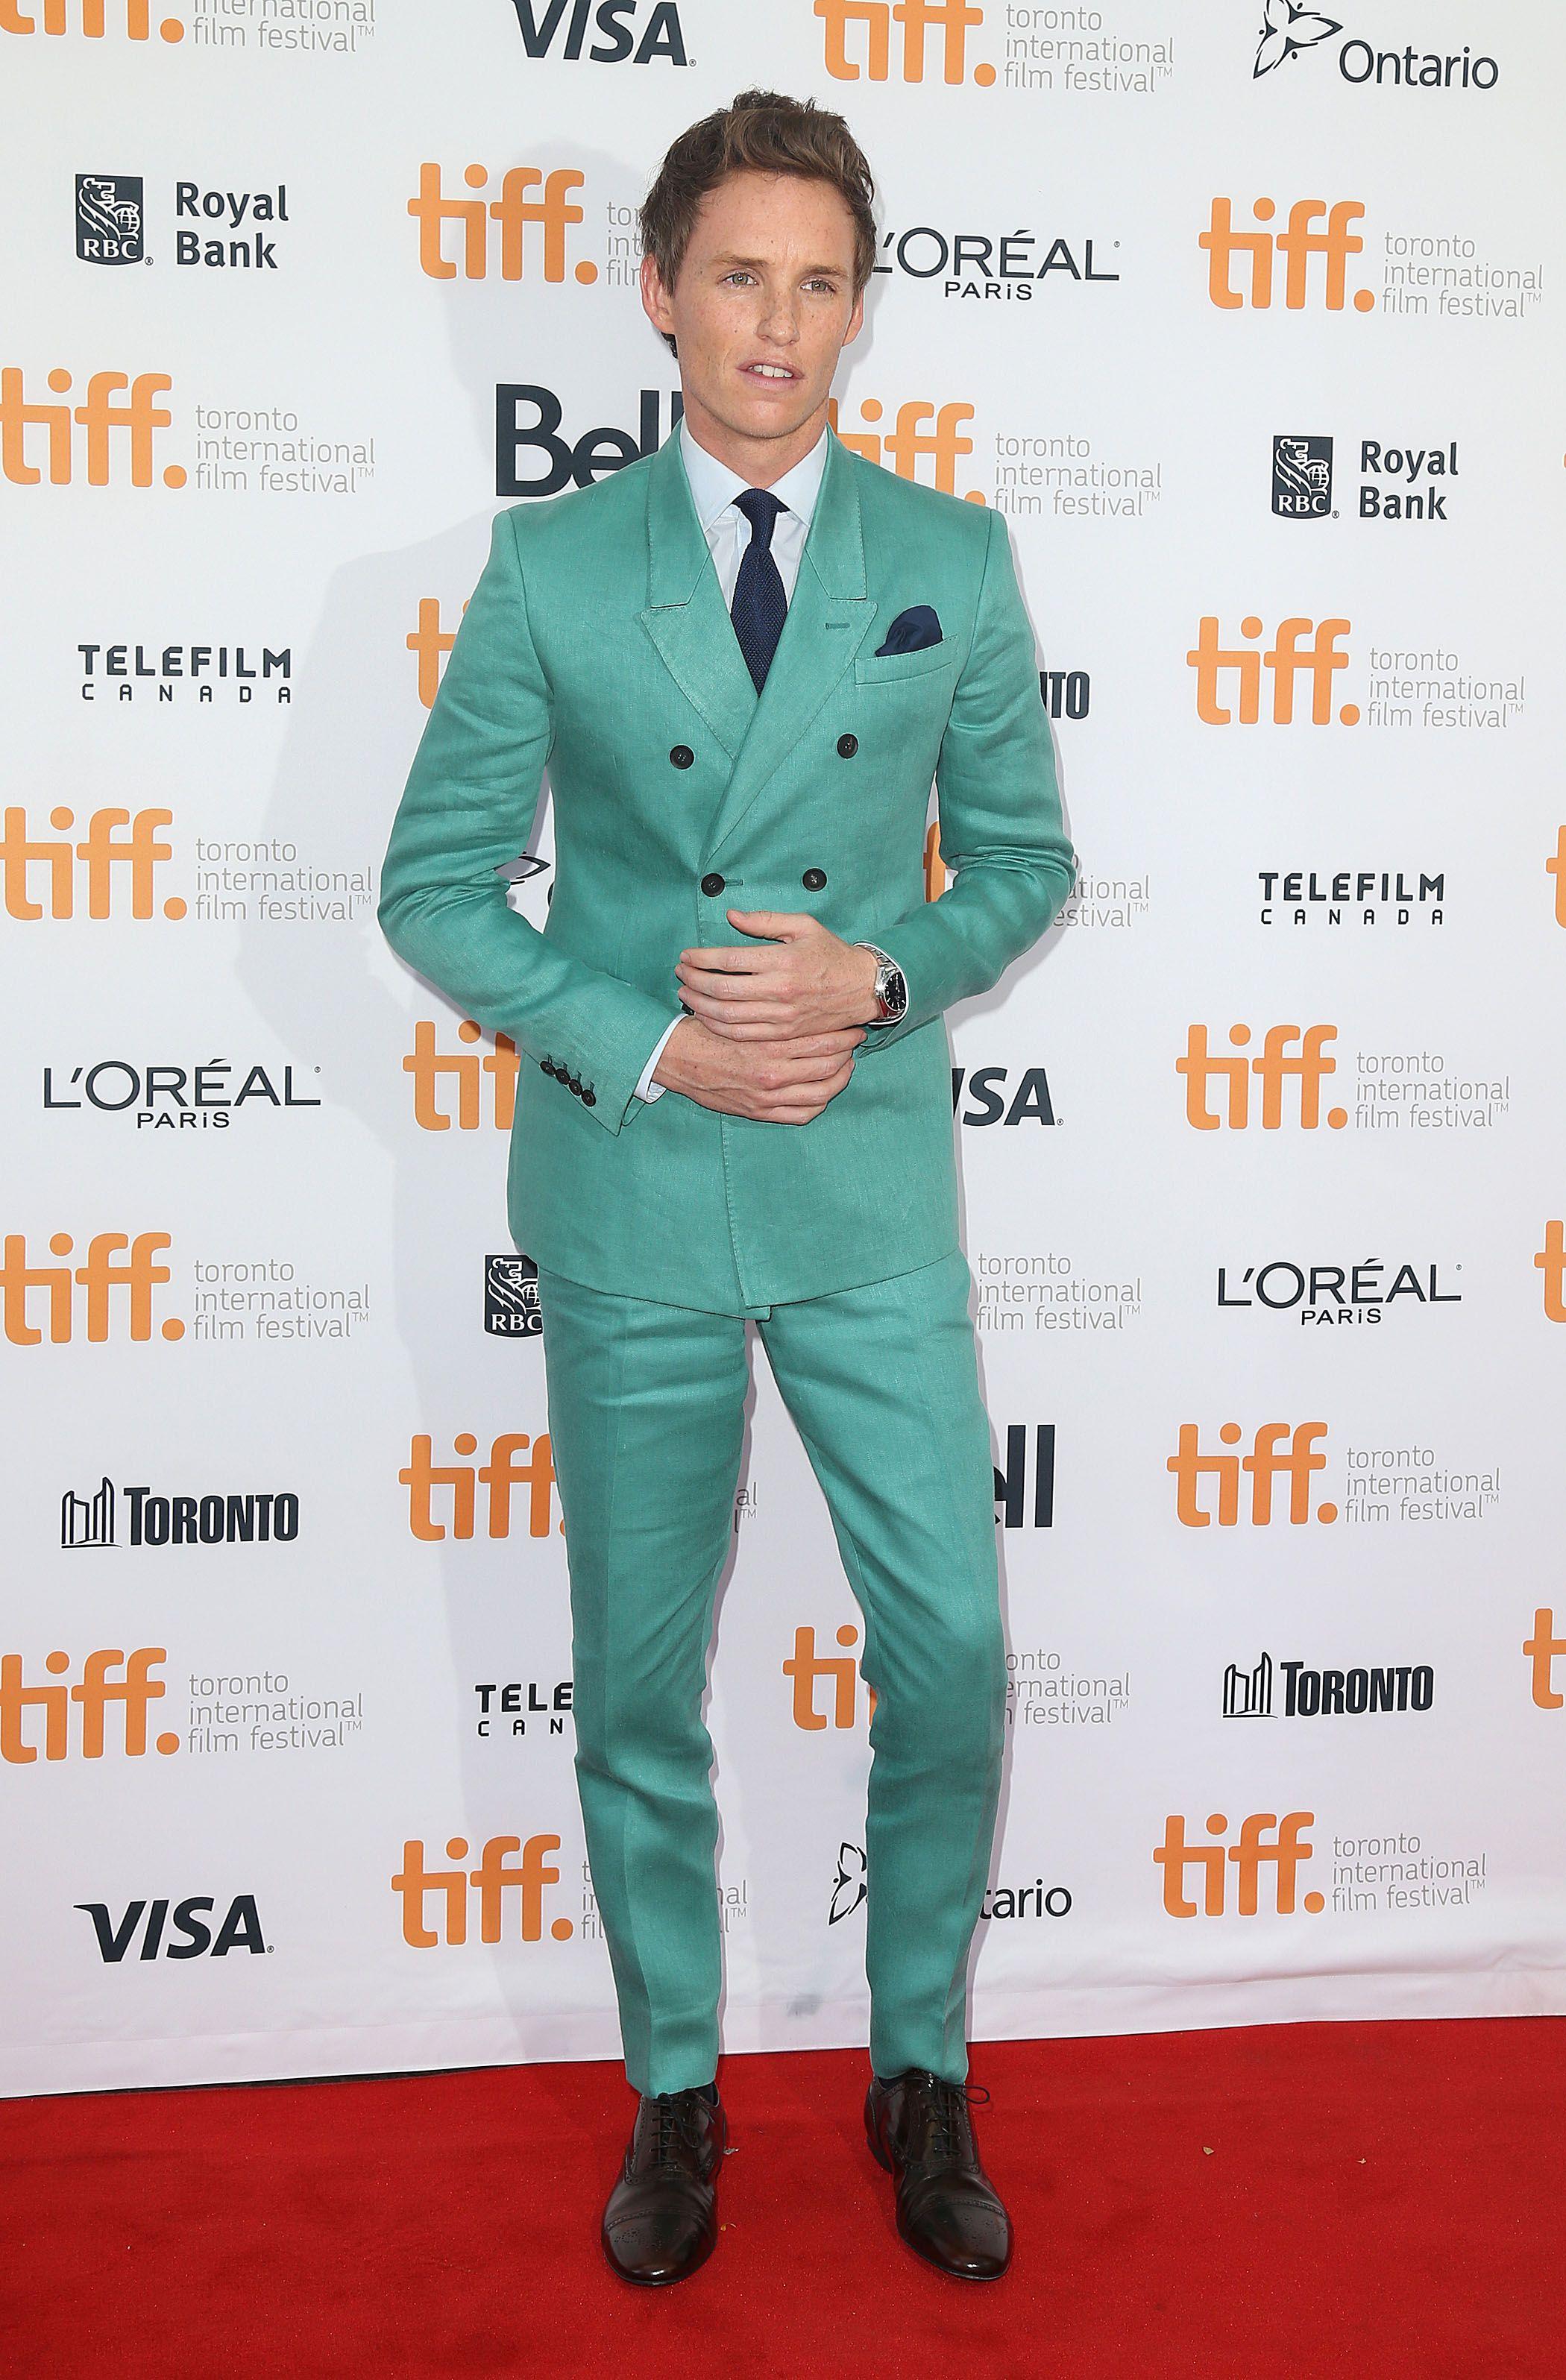 Omg Eddie Redmayne\'s suit <3 | guys. | Pinterest | Eddie redmayne ...